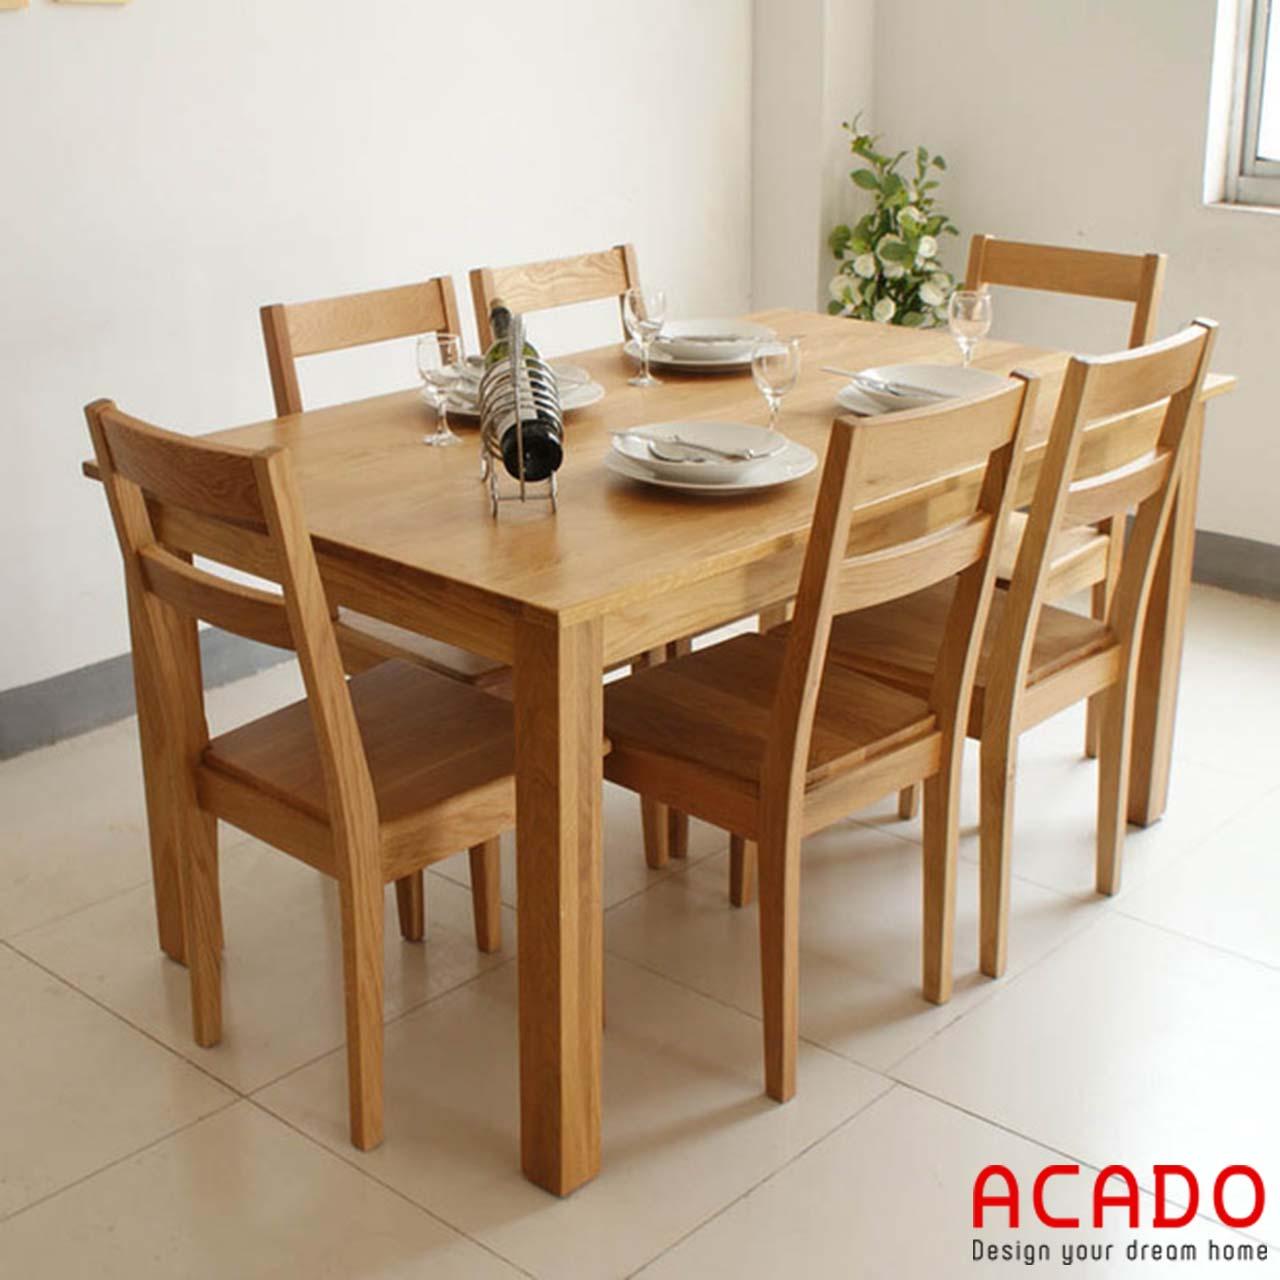 Bàn ăn gỗ sồi Nga 6 chỗ ngồi sang trọng, độ bền cao